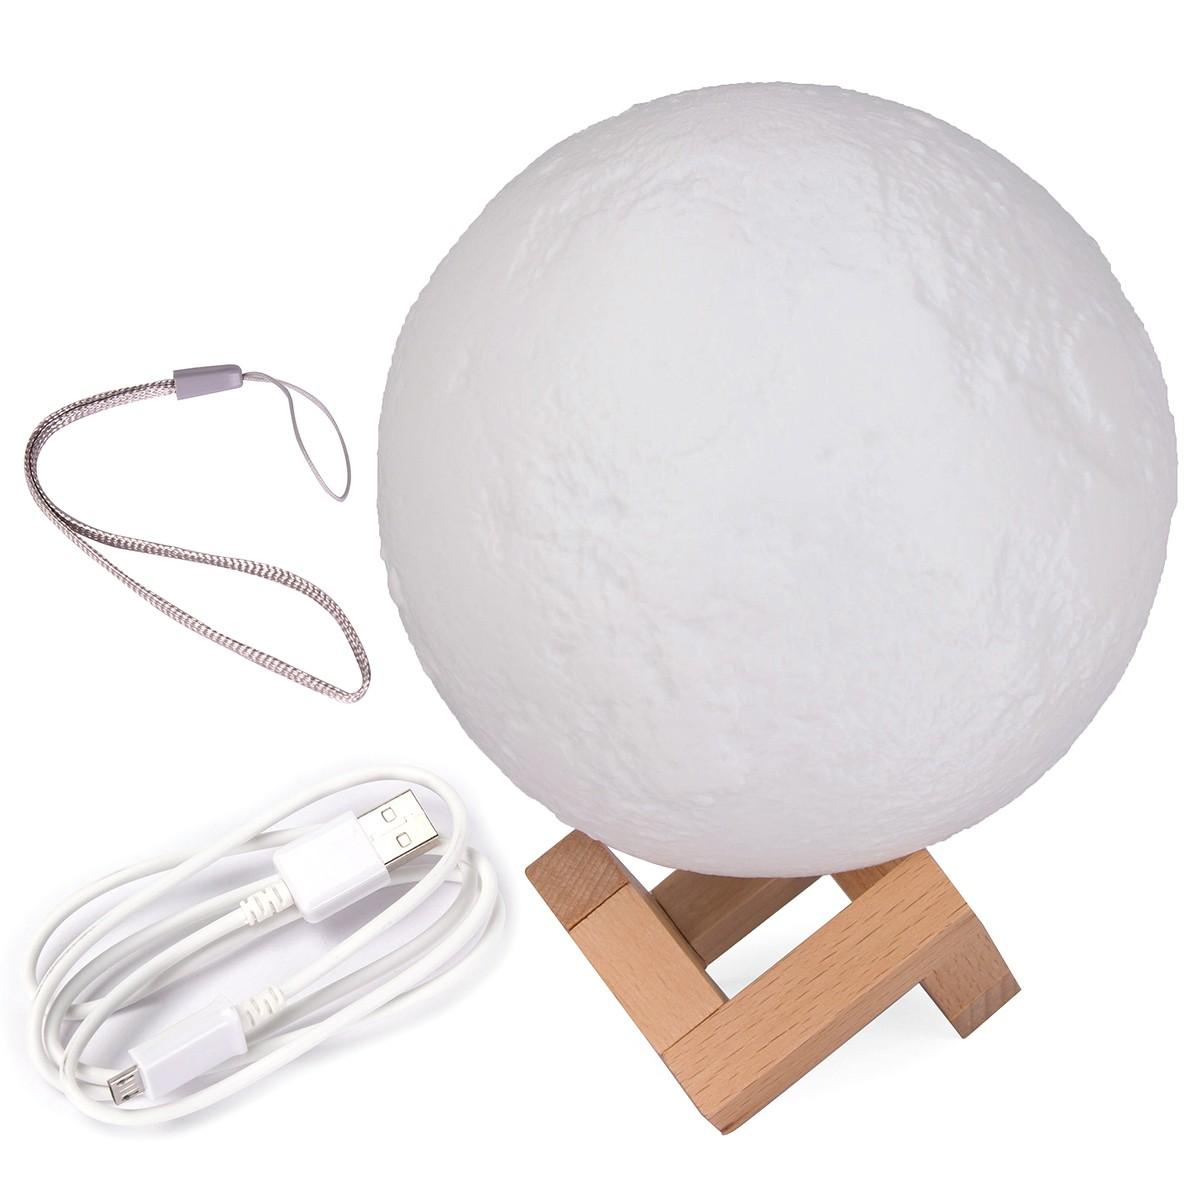 15cm Mond Lampe Nachtlampe 3D Mond Lampe Mondlicht Nachtlicht Lampe   365buy.ch